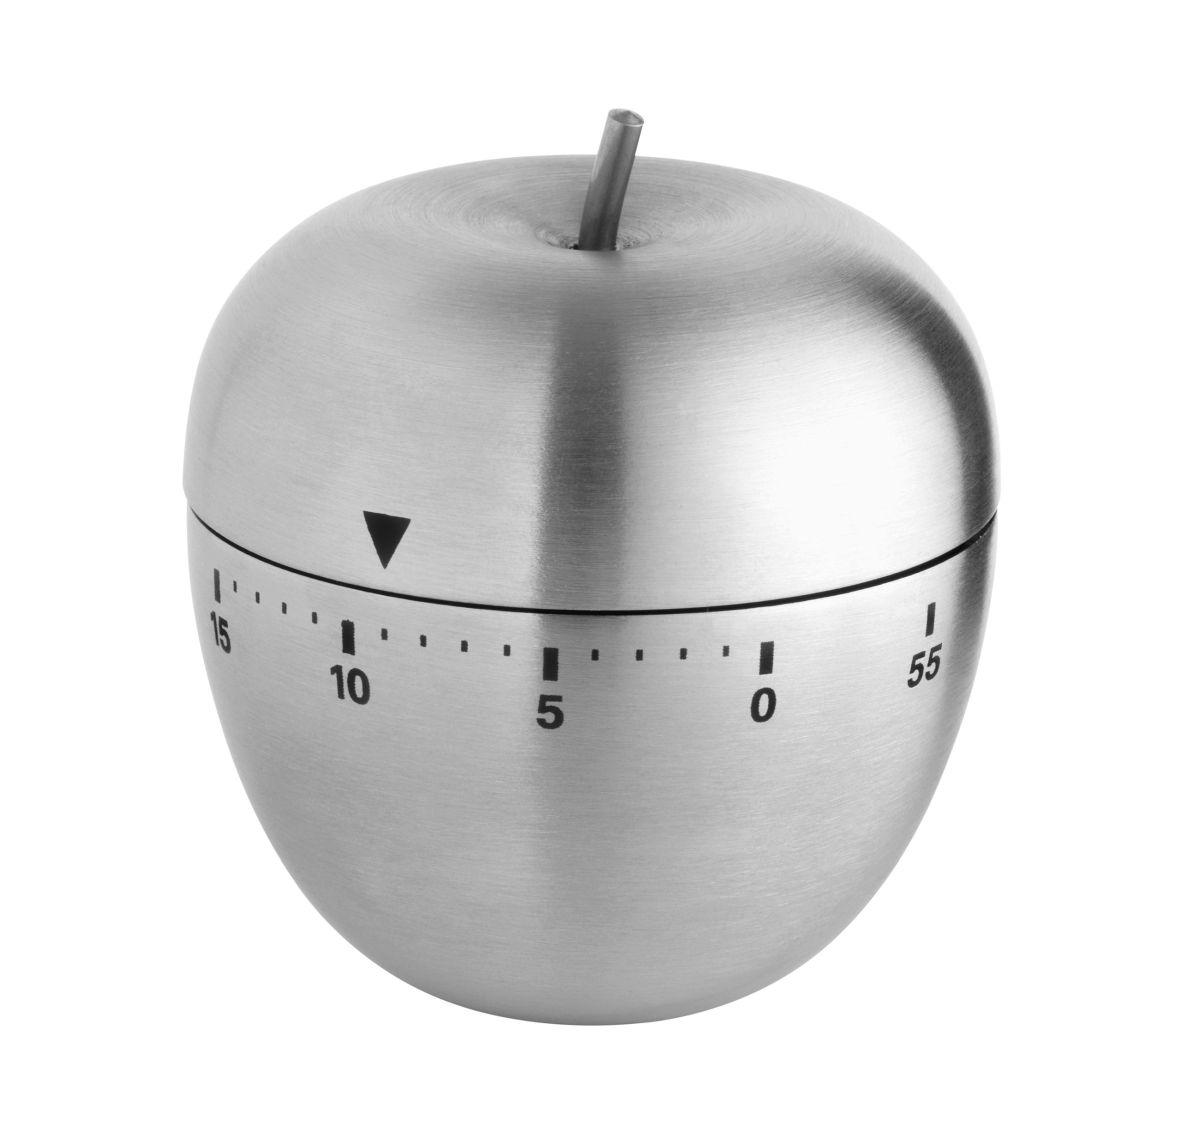 Kuchyňská minutka TFA 38.1030.54 - stříbrné jablko